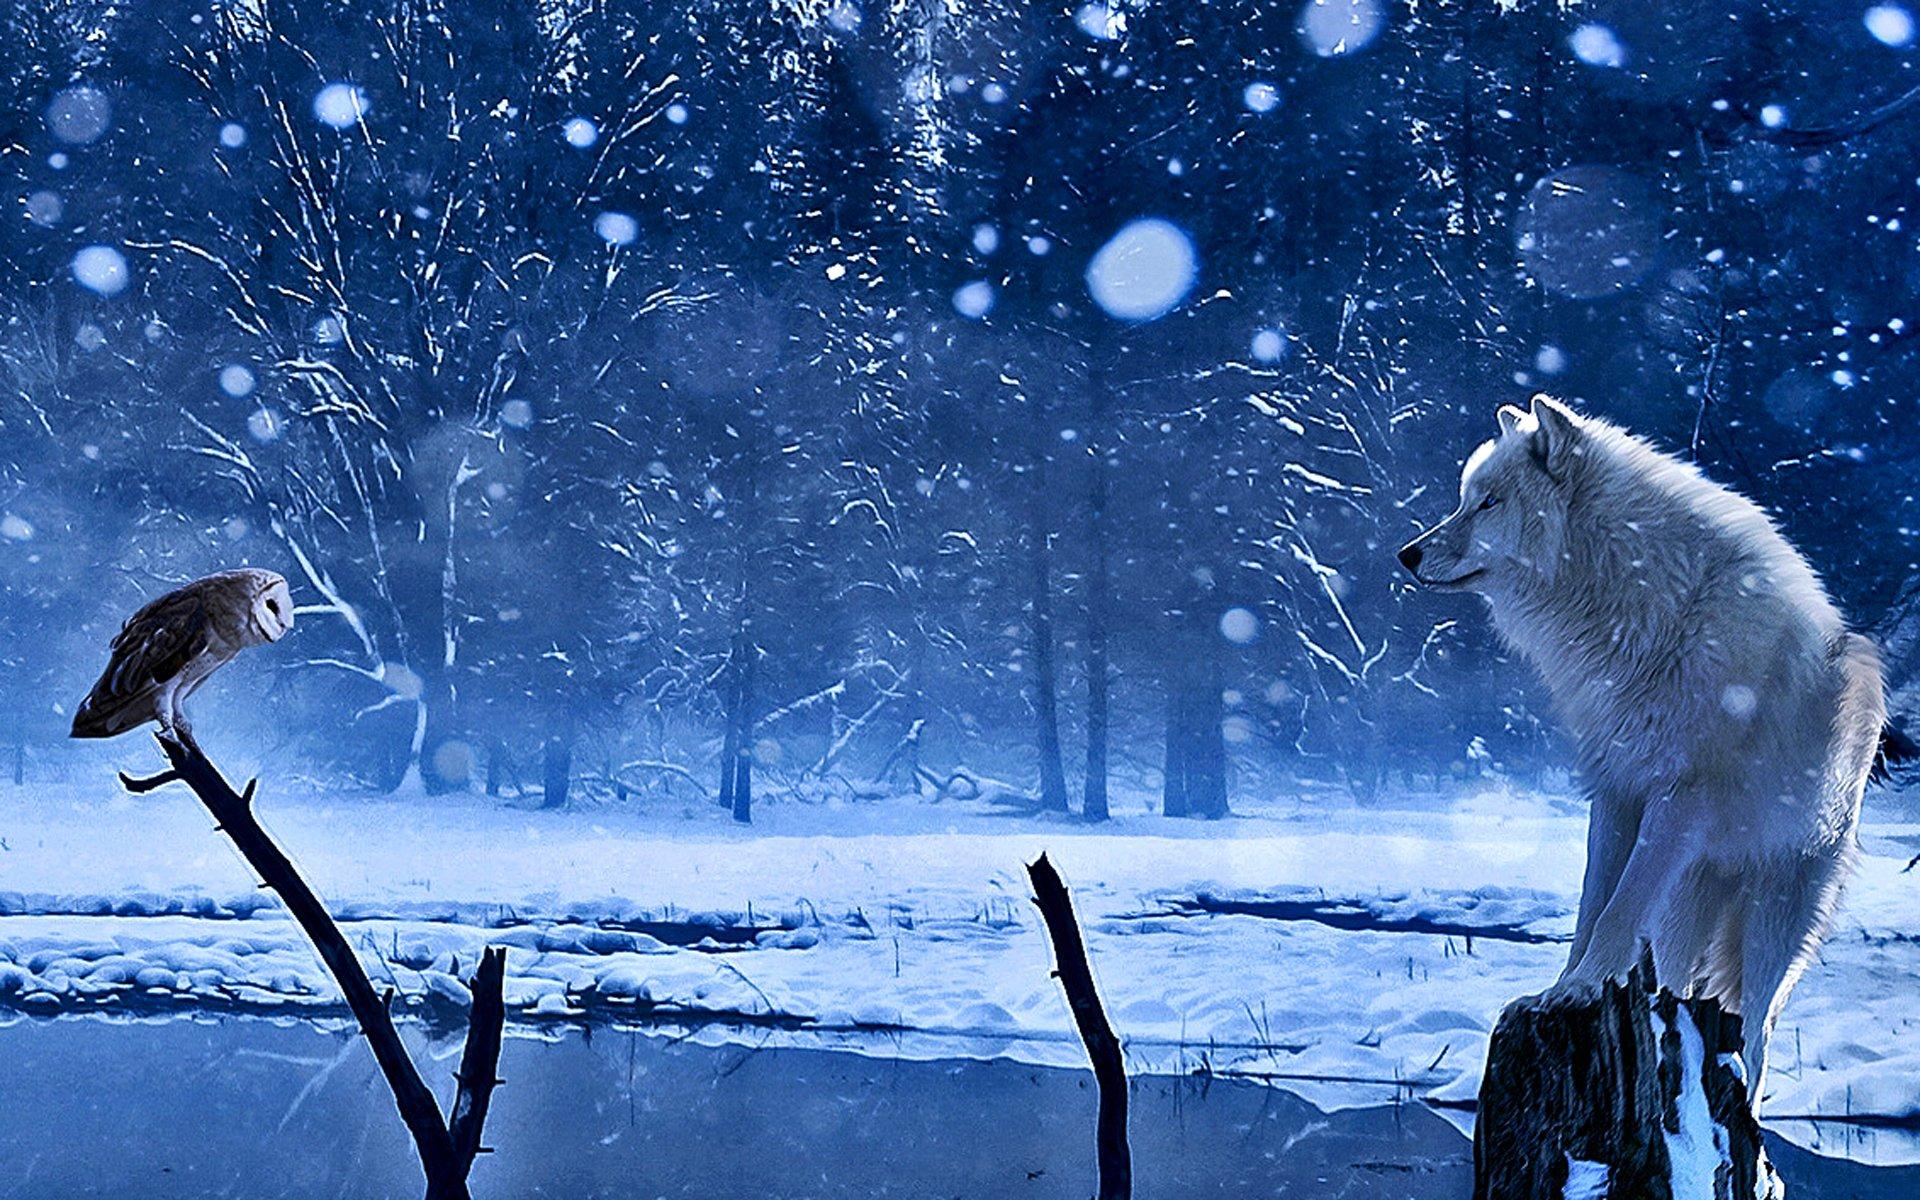 бесконечном ряду зимние картинки с волками нормальный кал